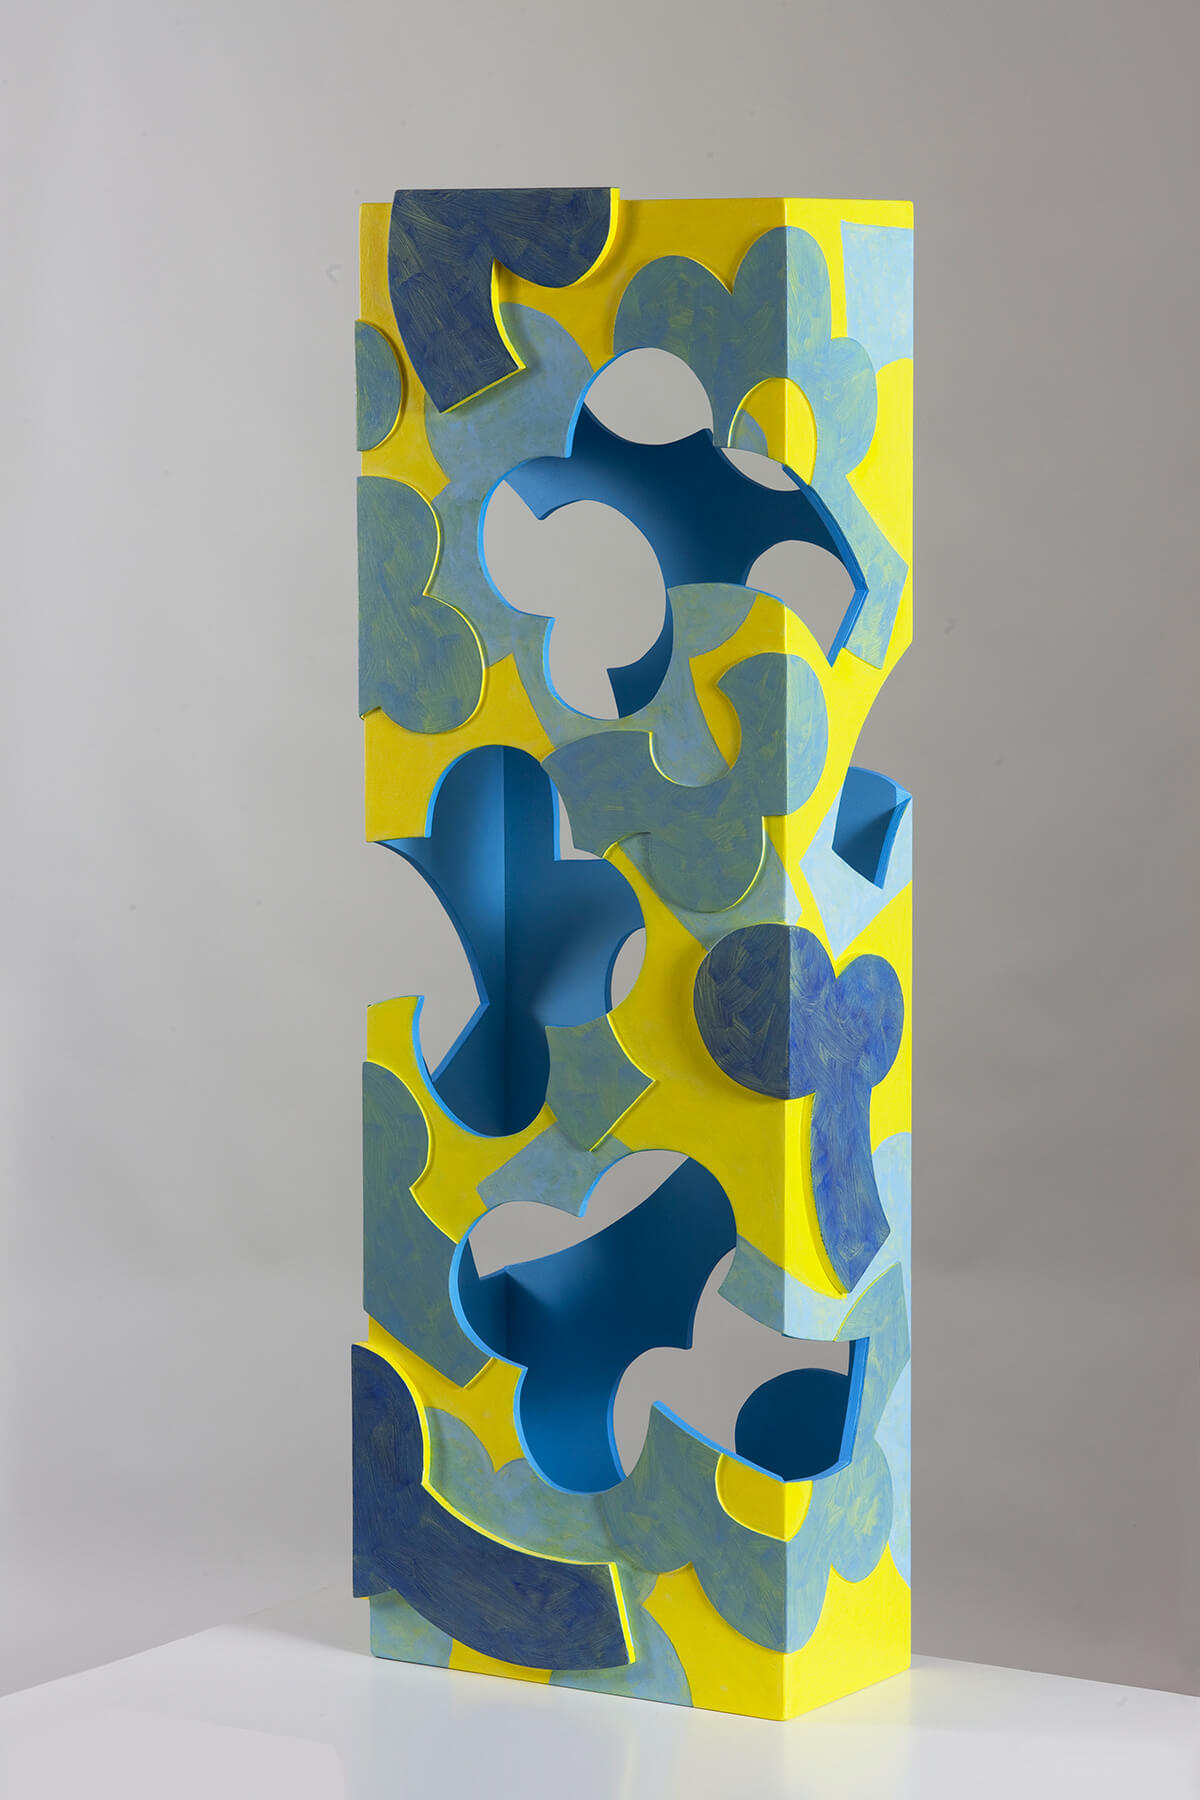 Barbara Jäger Skulpturen Gelb Blau Stele Holz Acryl